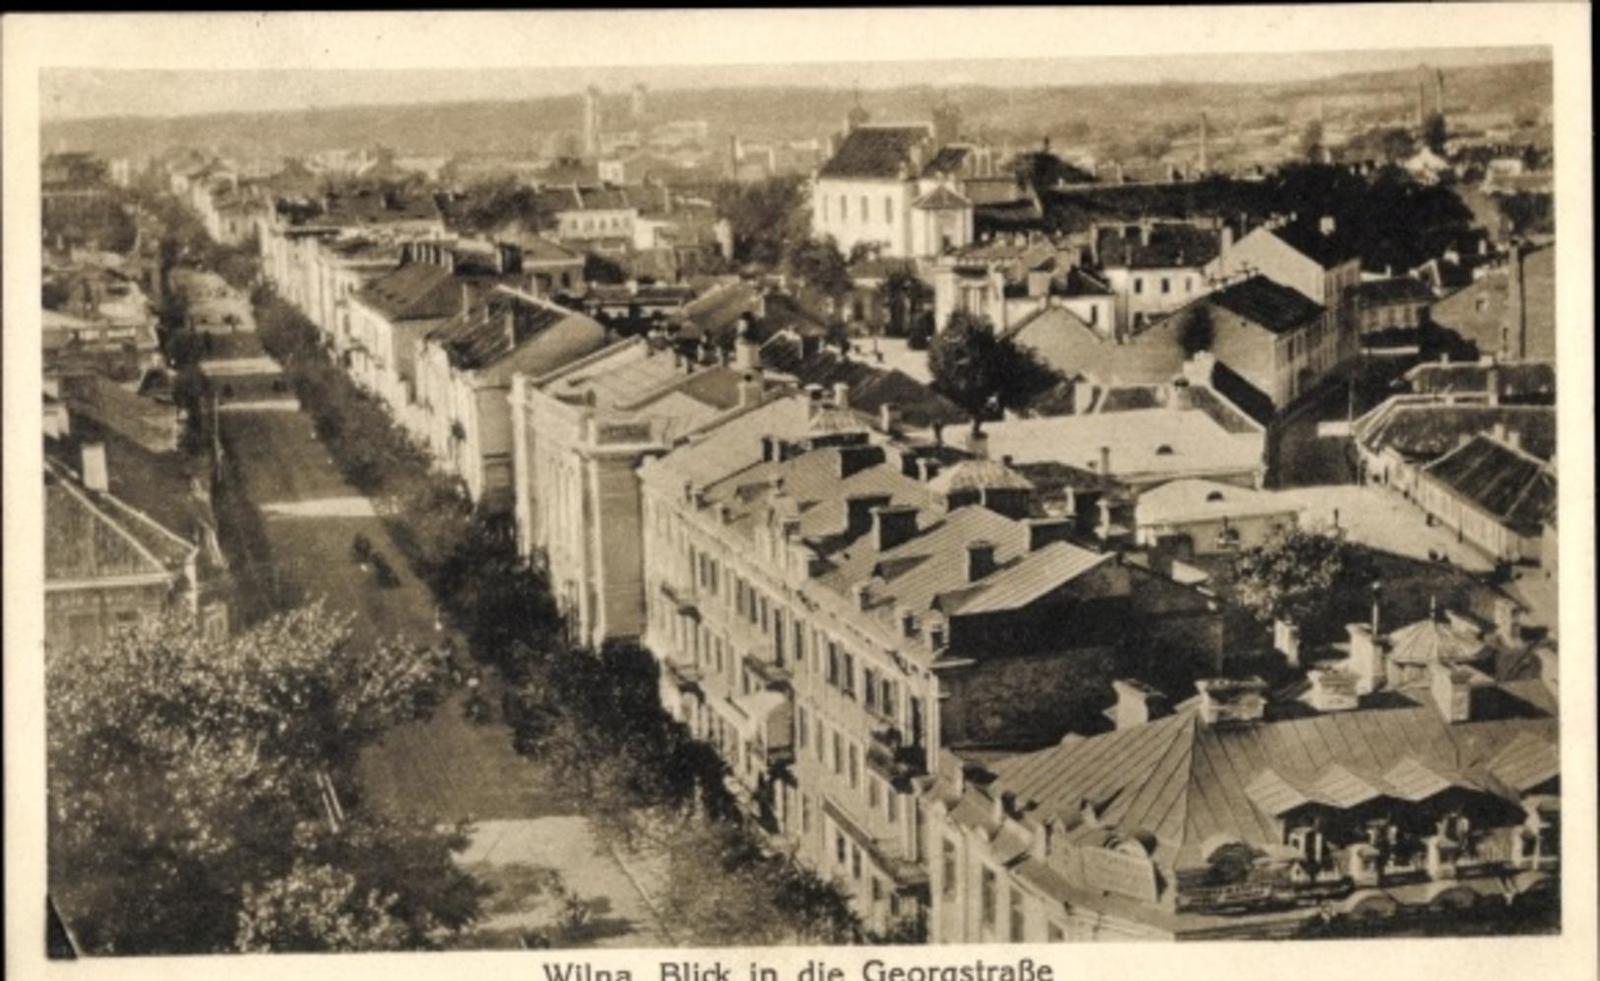 Vilnius -  Cp Vilnius Wilna Litauen, Blick in die Georgstraße über die Dächer der Stadt